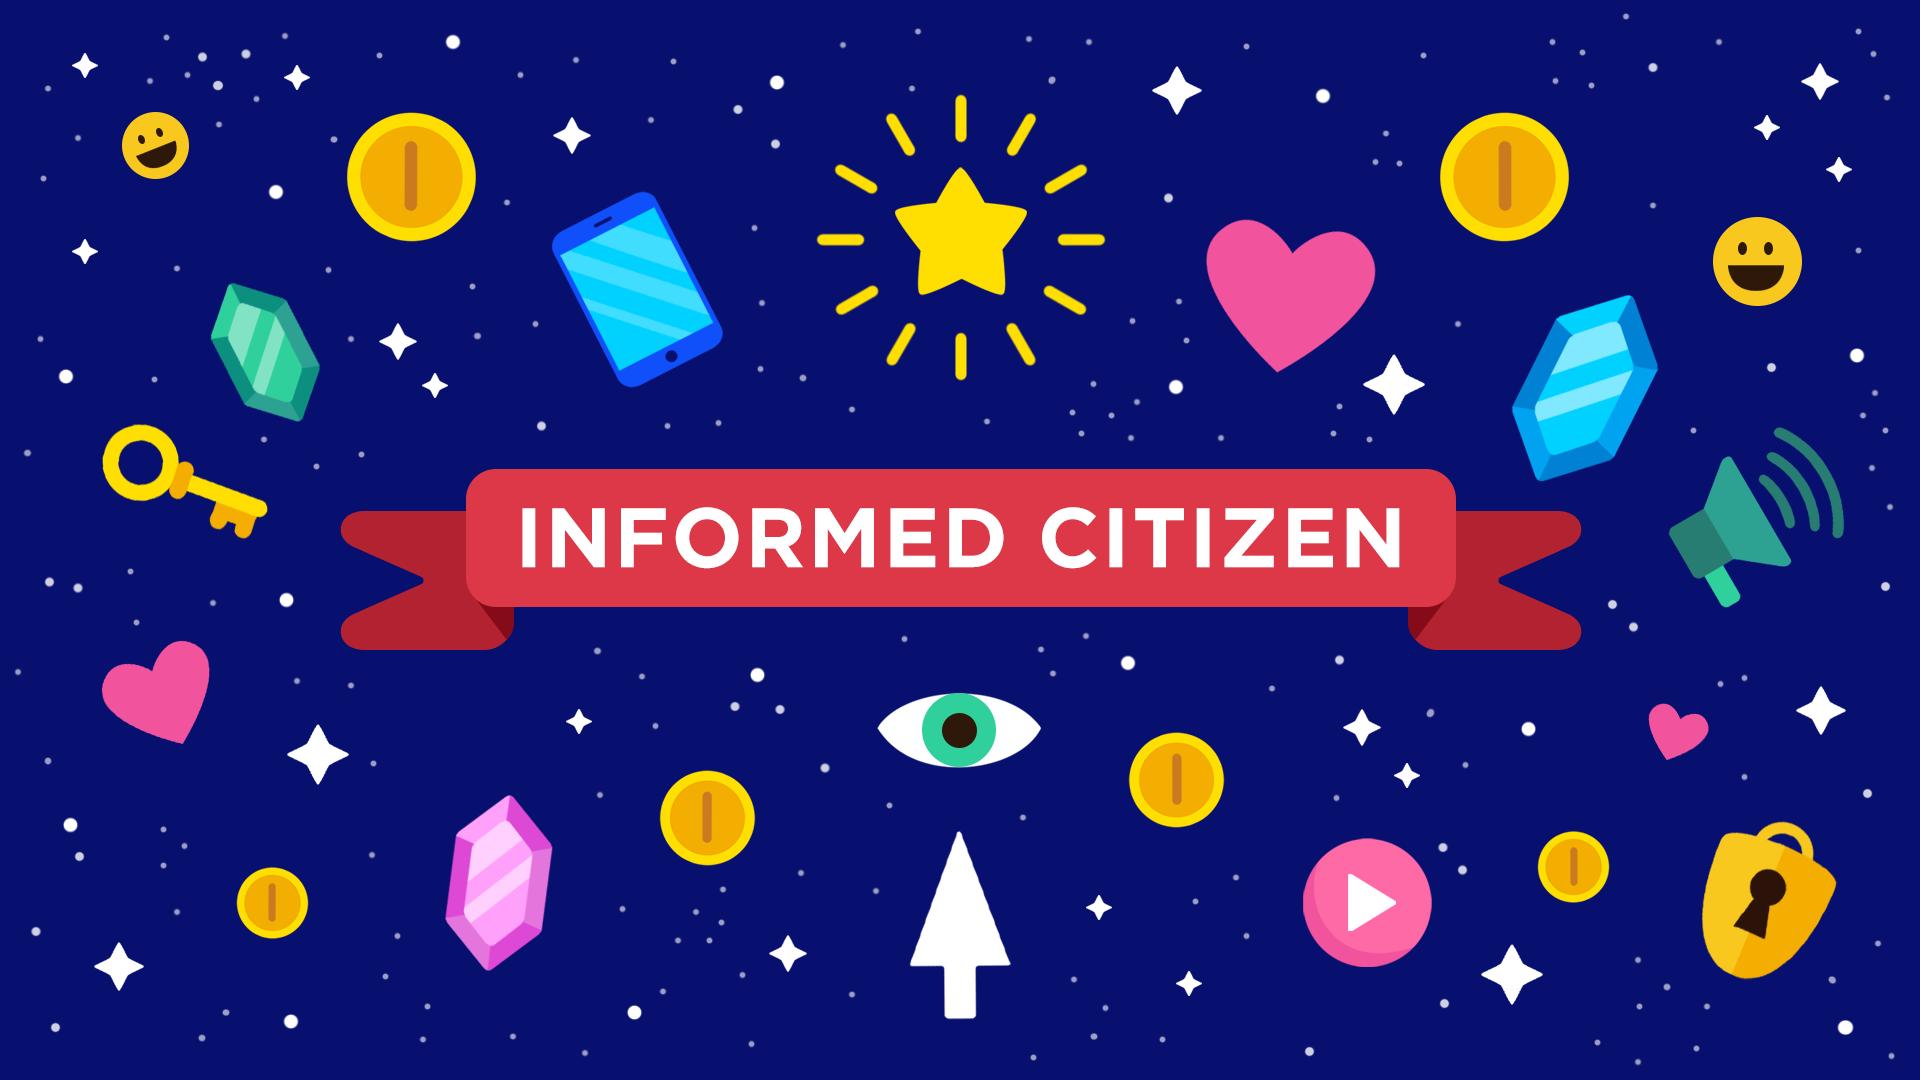 des_informed_citizen_01.png